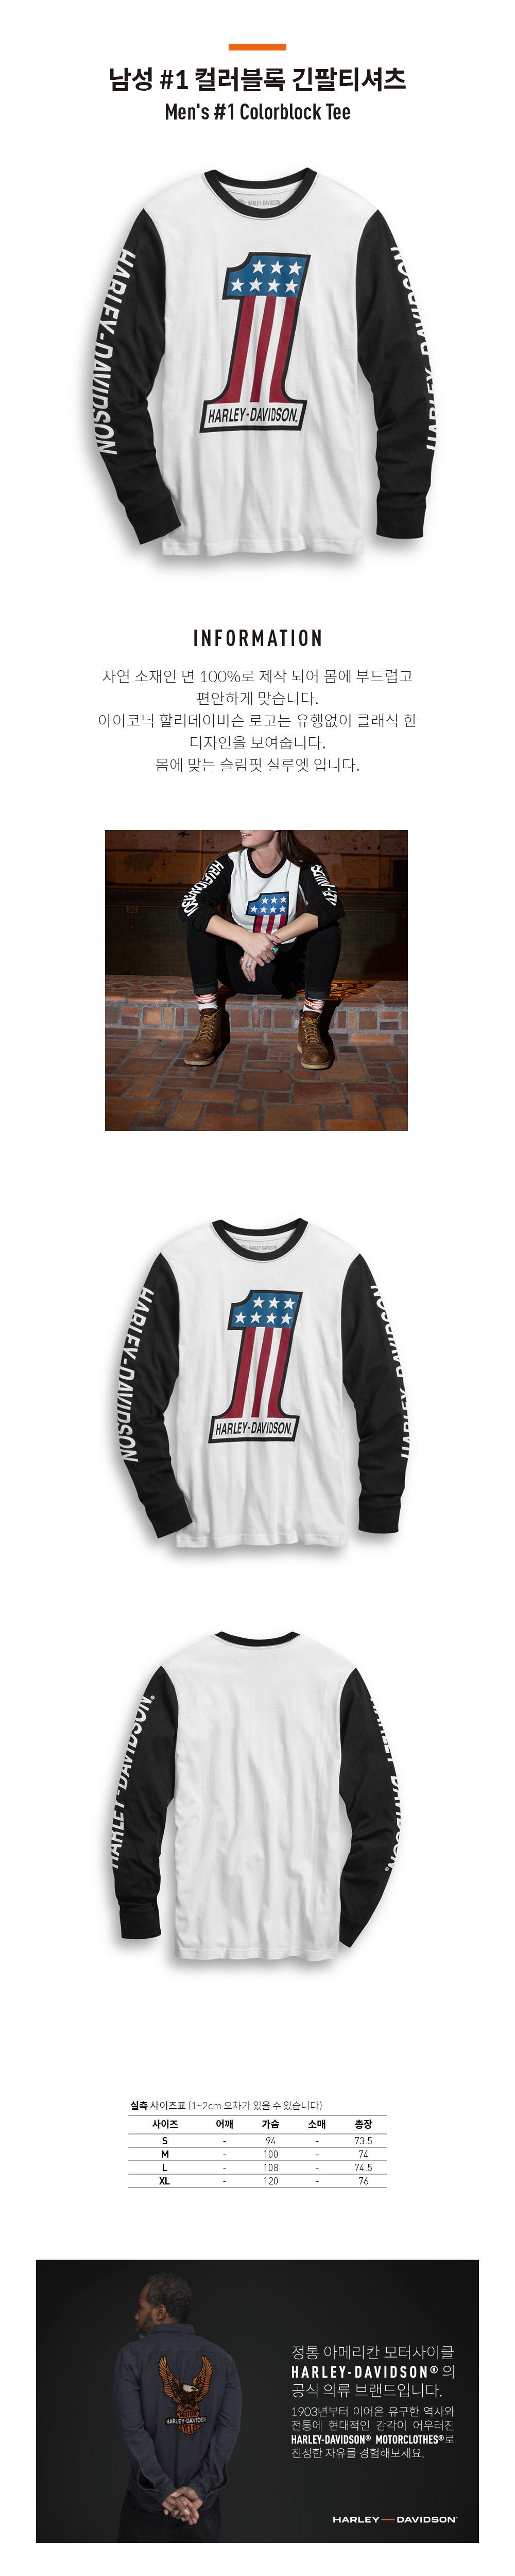 남성 #1 컬러블록 긴팔티셔츠